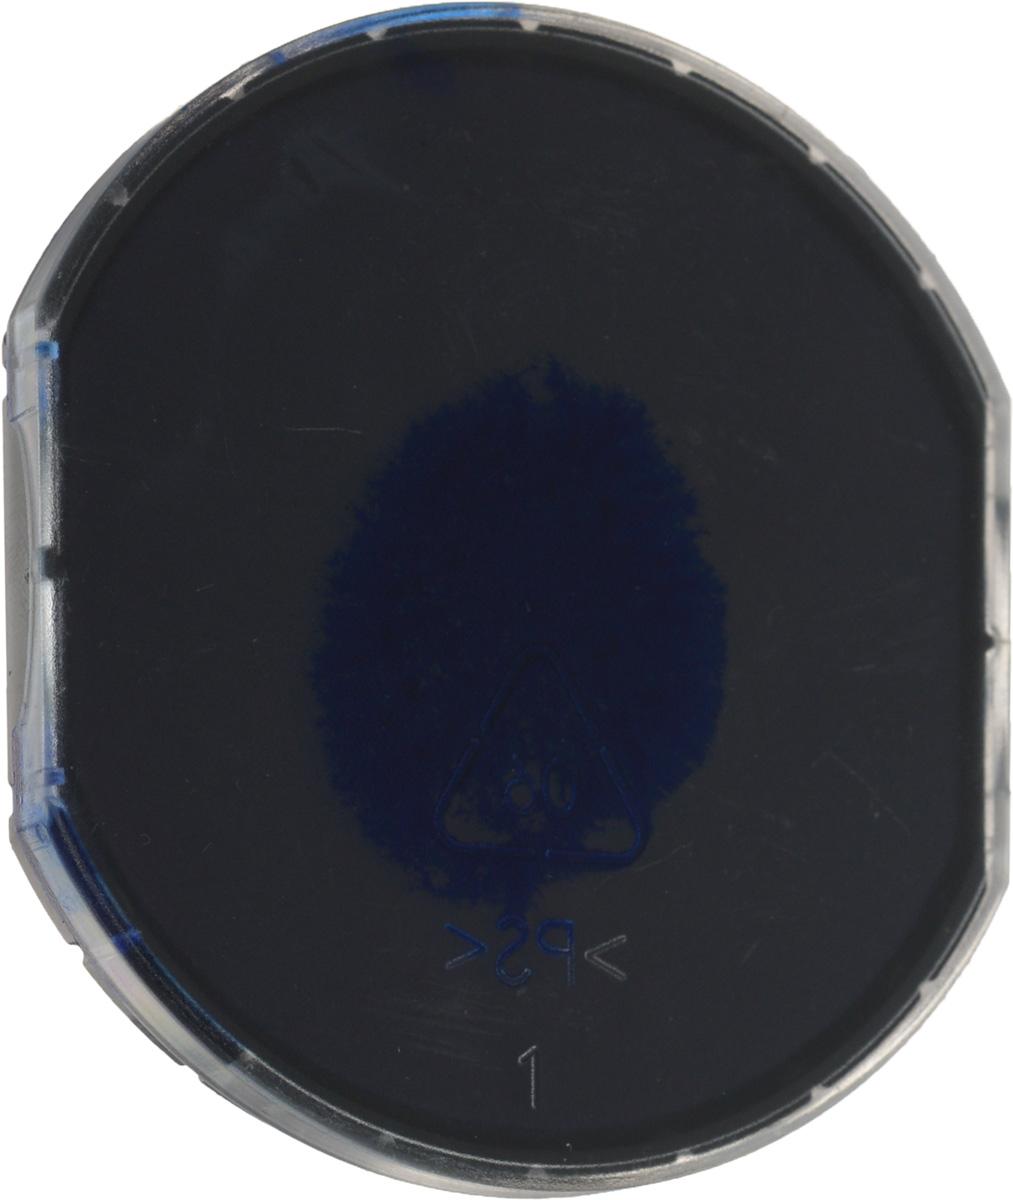 Colop Сменная штемпельная подушка E/R50 цвет синийE/R50c/colopСменная штемпельная подушка Colop E/R50 предназначена для продукции Colop. Произведена в Австрии с учетом требований российских и международных стандартов. Замена штемпельной подушки необходима при каждом изменении текста в штампе. Заправка штемпельной краской не рекомендуется. Гарантирует не менее 10 000 четких оттисков. Подходит для кода С10886, С10879, цвет краски - синий.